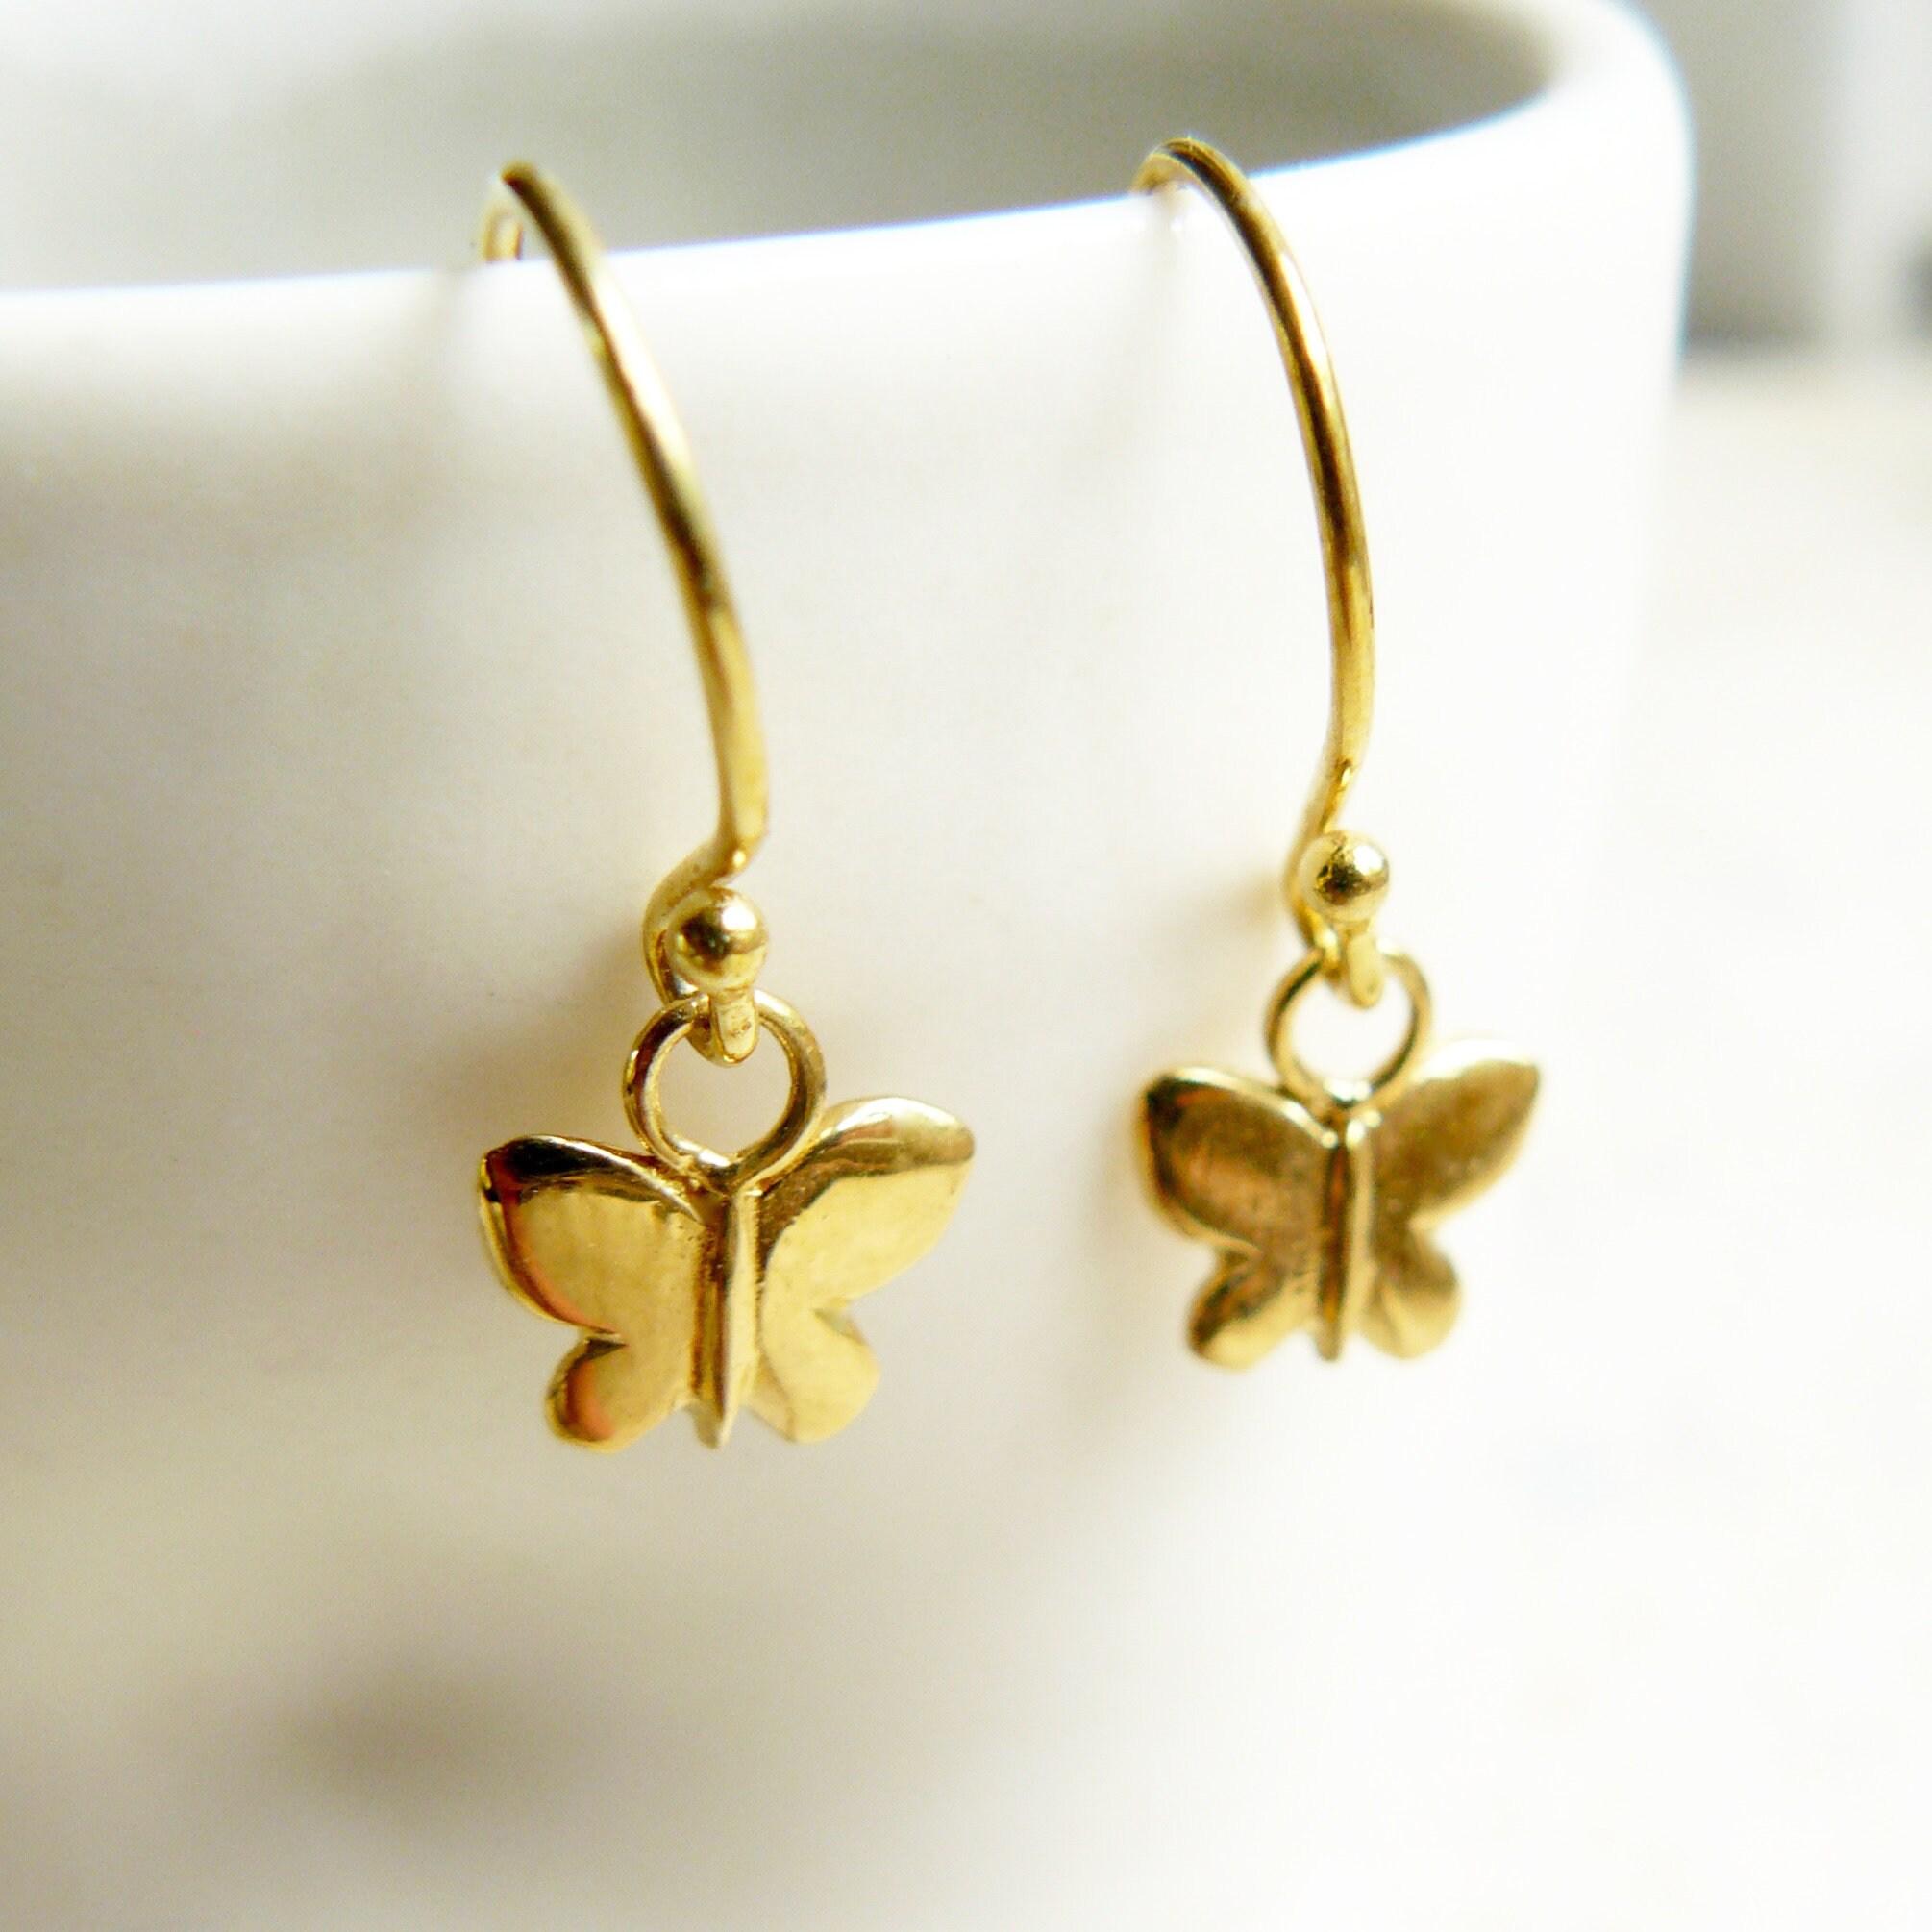 de07a3d04 Butterfly Gold Vermeil Hook Earrings | Etsy